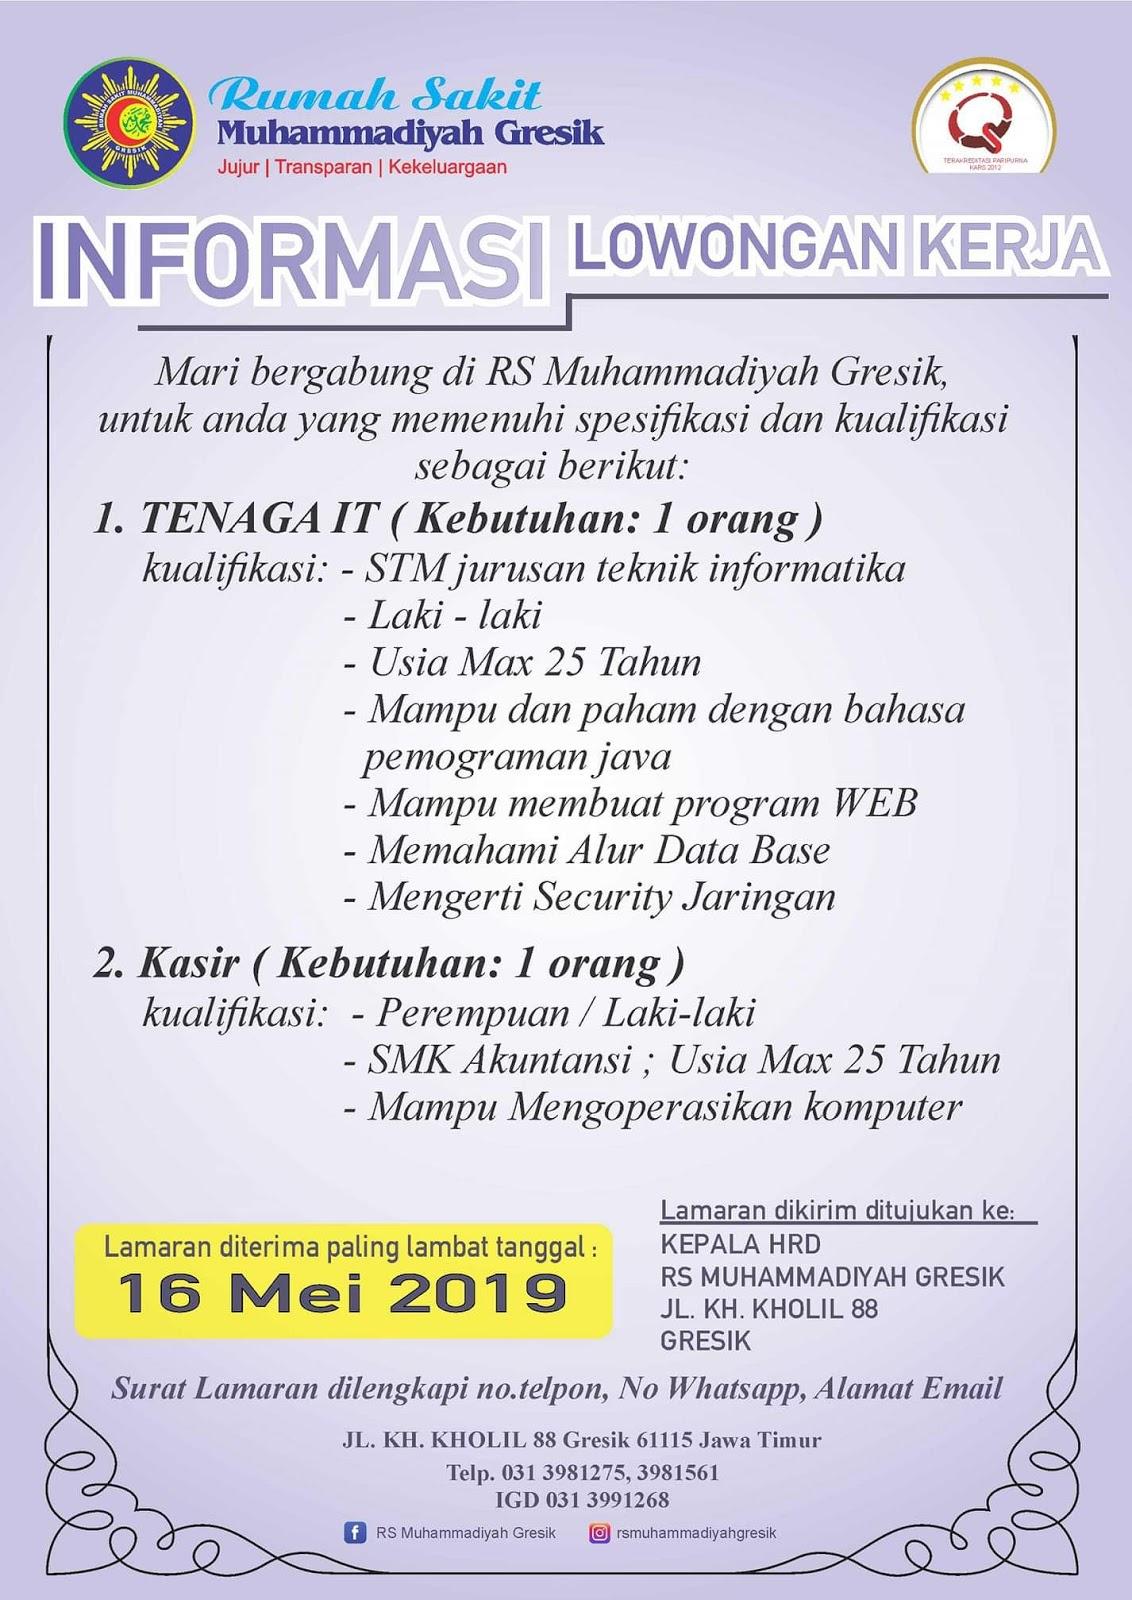 Lowongan Kerja Rs Muhammadiyah Gresik 2020 Jl Kh Kholil Lowongankerjacareer Com